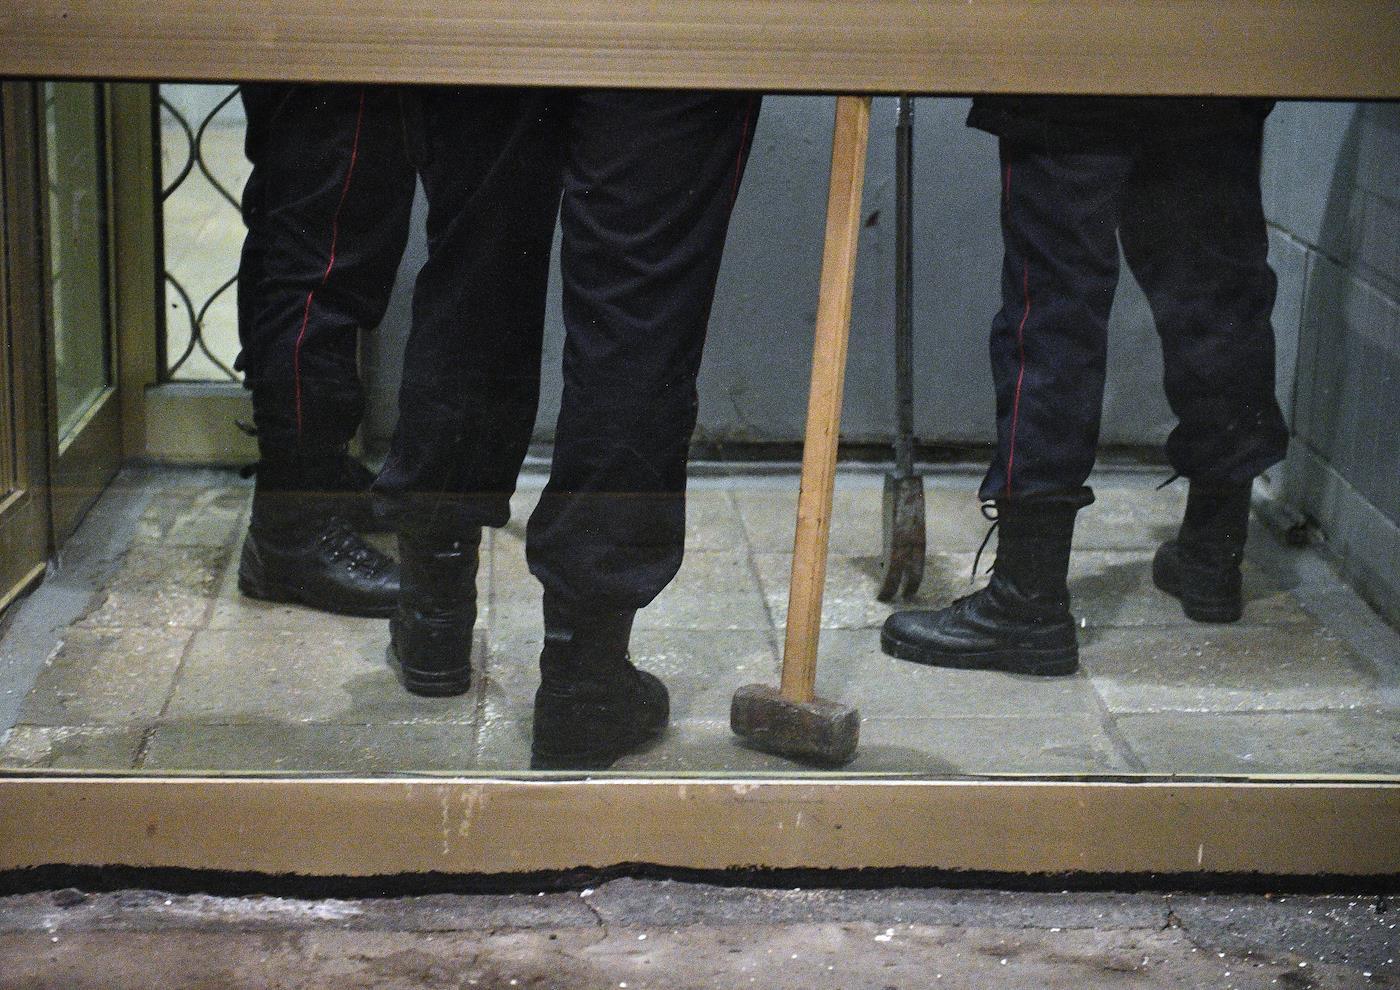 Полиция опечатала администрацию Купчино. Чиновники и депутаты обвиняют друг друга во вранье и казнокрадстве